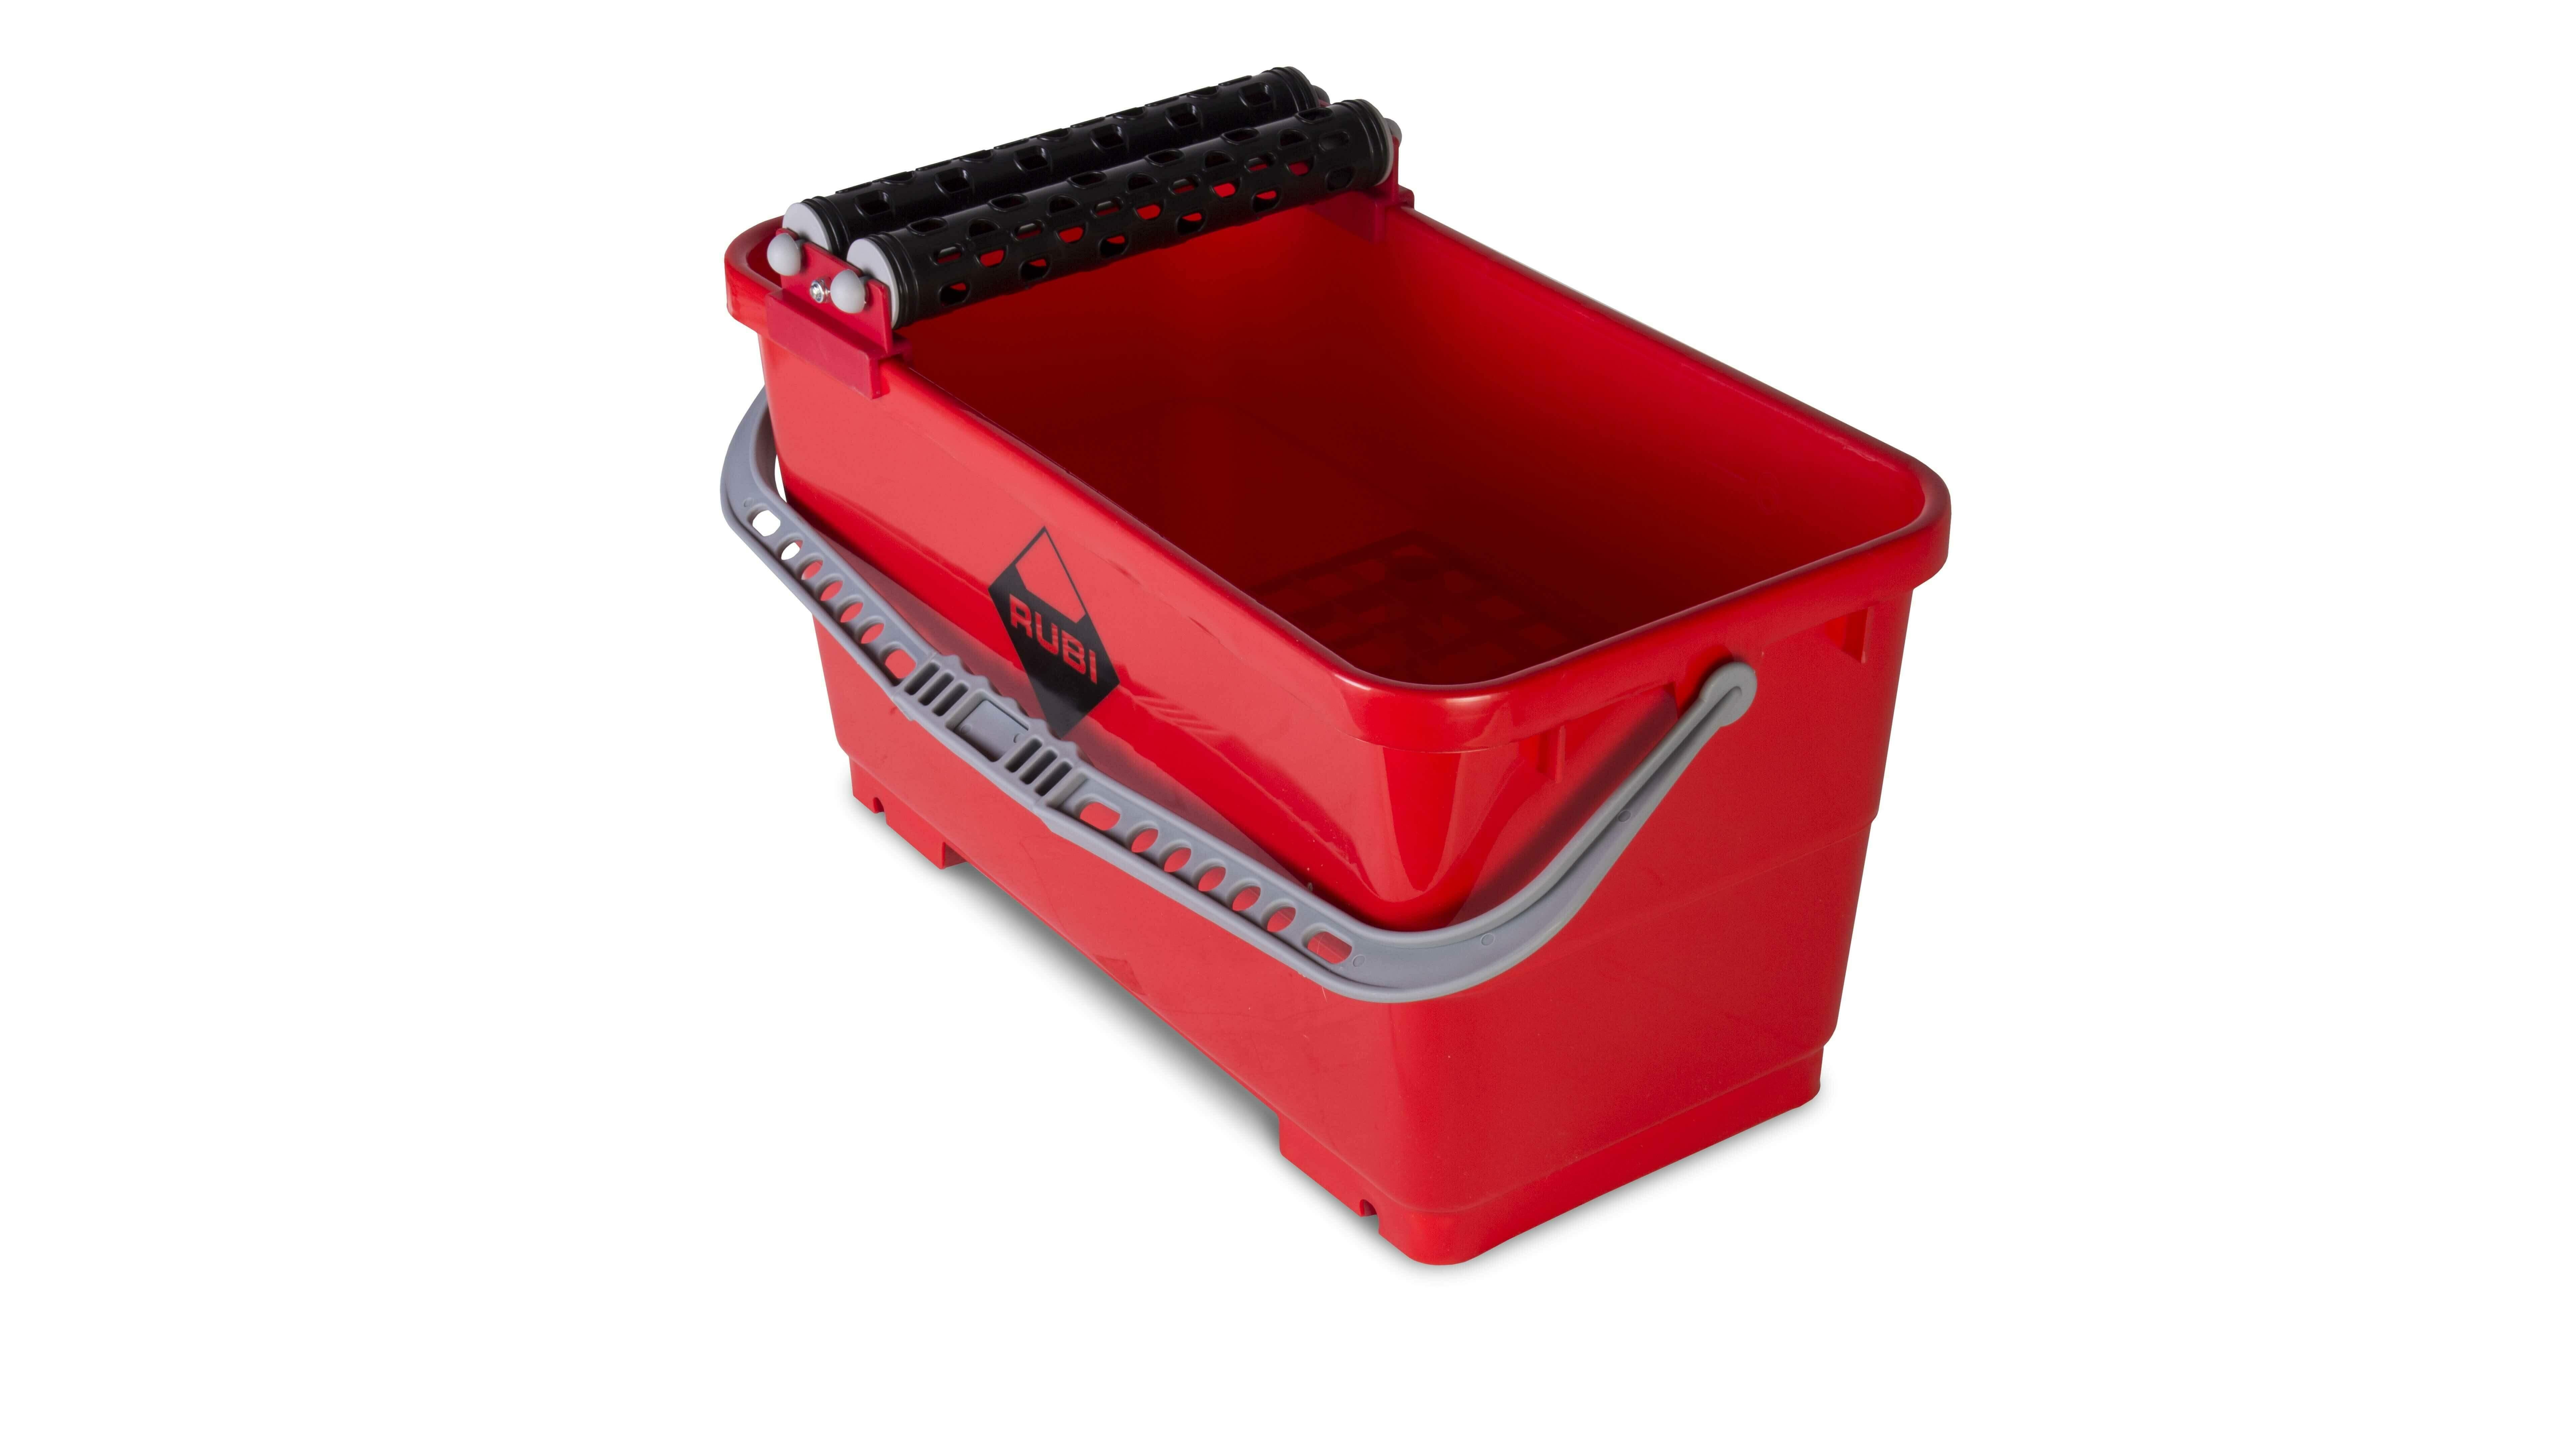 Een washboy met afdrukrooster en uitwringrollen is een onmisbaar gereedschap voor het schoonmaken van grote oppervlakken.